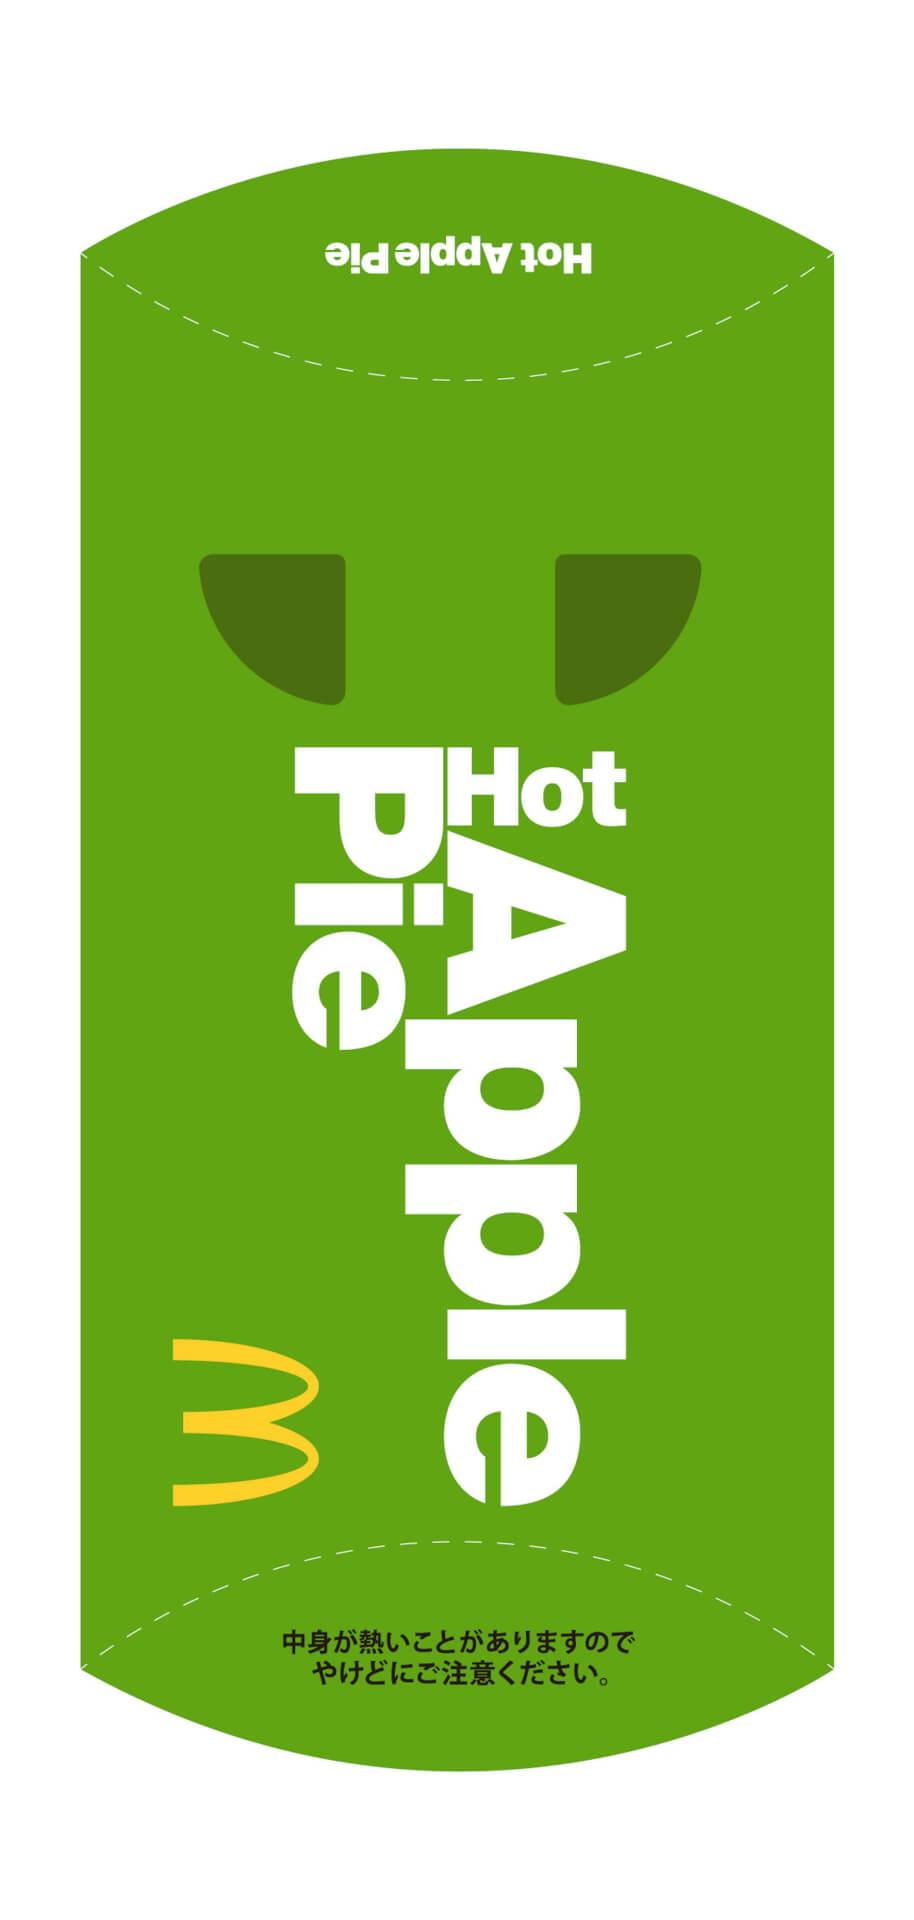 """マクドナルドから""""冒険""""の新商品ホットストロベリーパイが期間限定で登場!""""安定""""のホットアップルパイとどちらを選ぶ? gourmet200227_mcdonald_pie_3"""